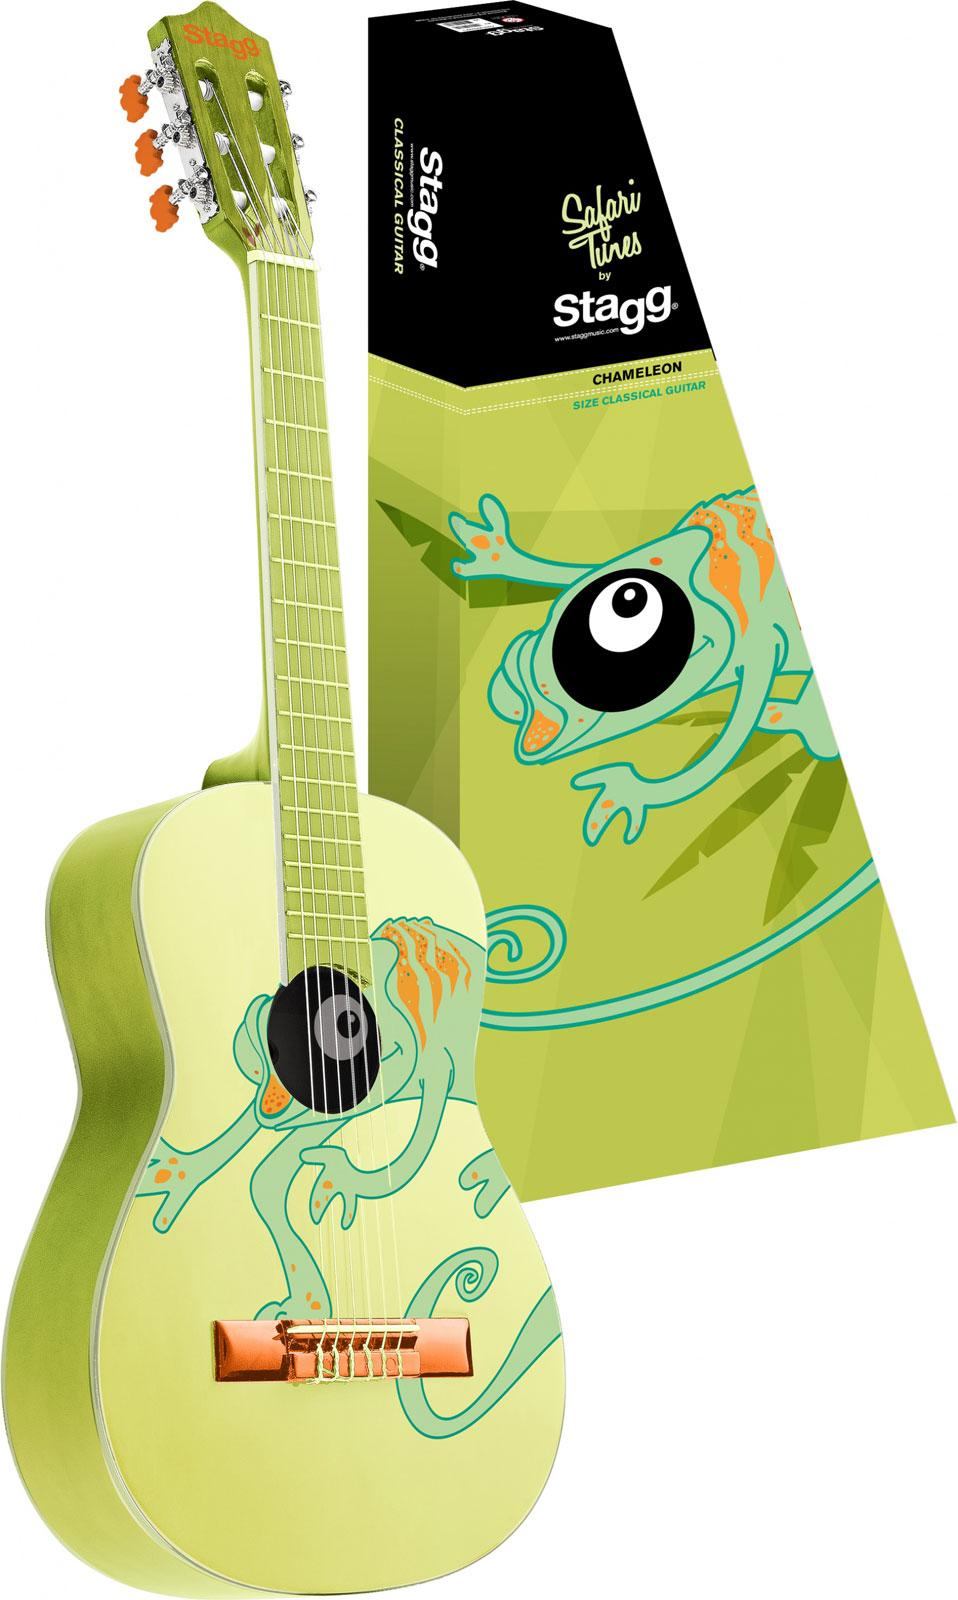 Stagg Guitare 3/4 - Vert Avec Motif Cameleon